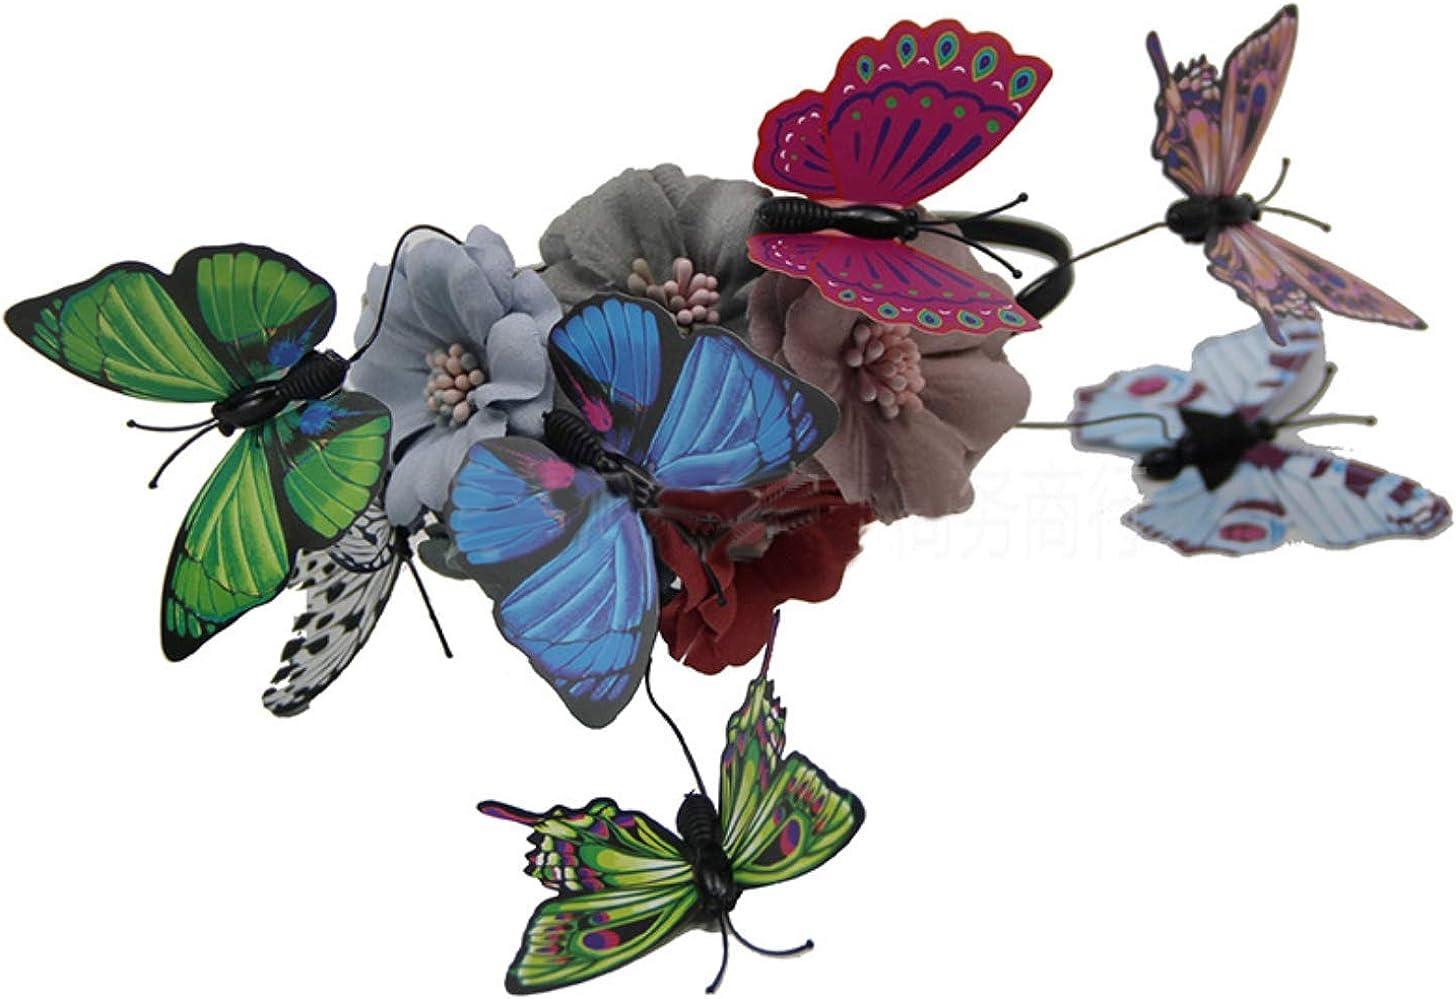 Binglinghua Butterfly Fascinator Hat Monarch Derby Headband Festival Crown Halloween Costume Bohemian Wedding Headpiece